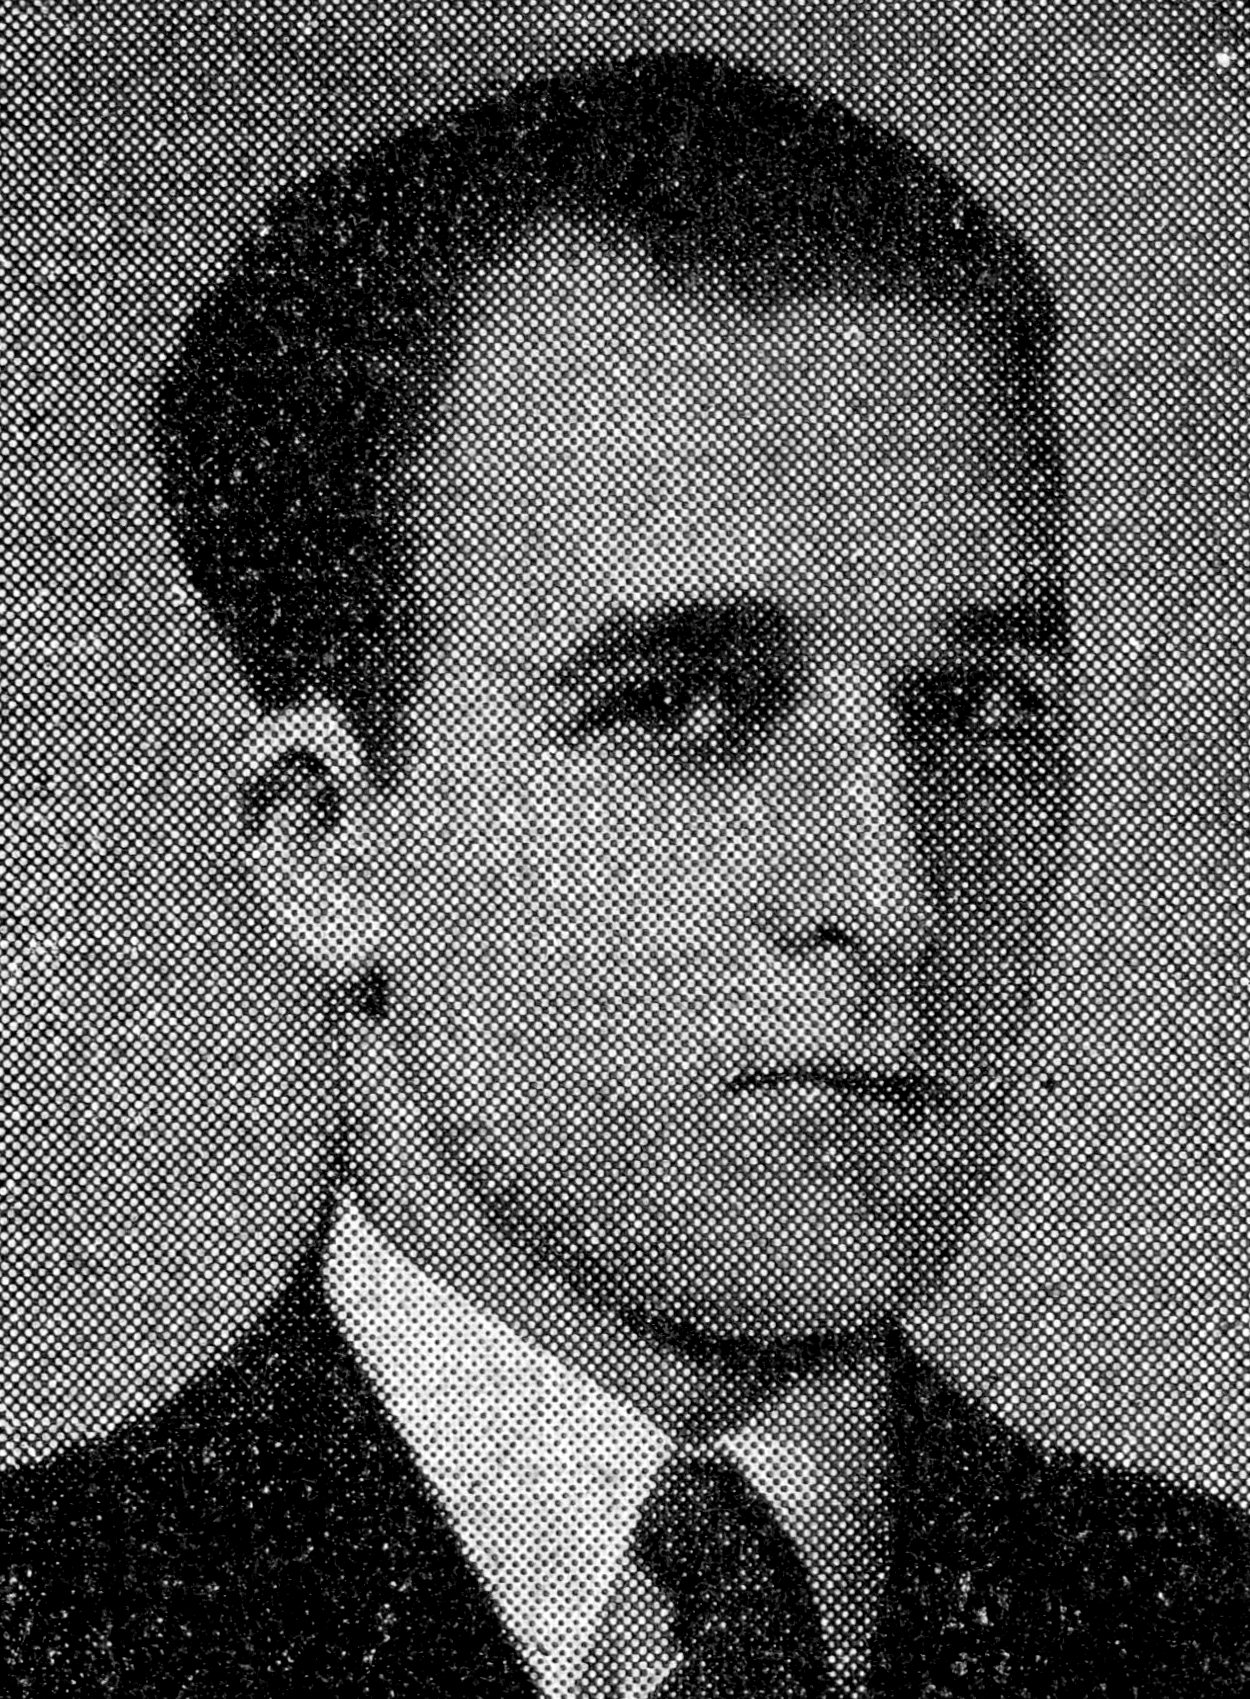 """<div class='inner-box'><div class='close-desc'></div><span class='opis'>Aleksander Janta-Połczyński, lata 30. XX w. Fotografia z leksykonu """"Czy wiesz kto to jest?"""" pod red. Stanisława Łozy, wyd. Główna Księgarnia Wojskowa, Warszawa 1938 r..</span><div class='clearfix'></div><span>Sygn. sm00168</span><div class='clearfix'></div><span>© Instytut Literacki</span></div>"""